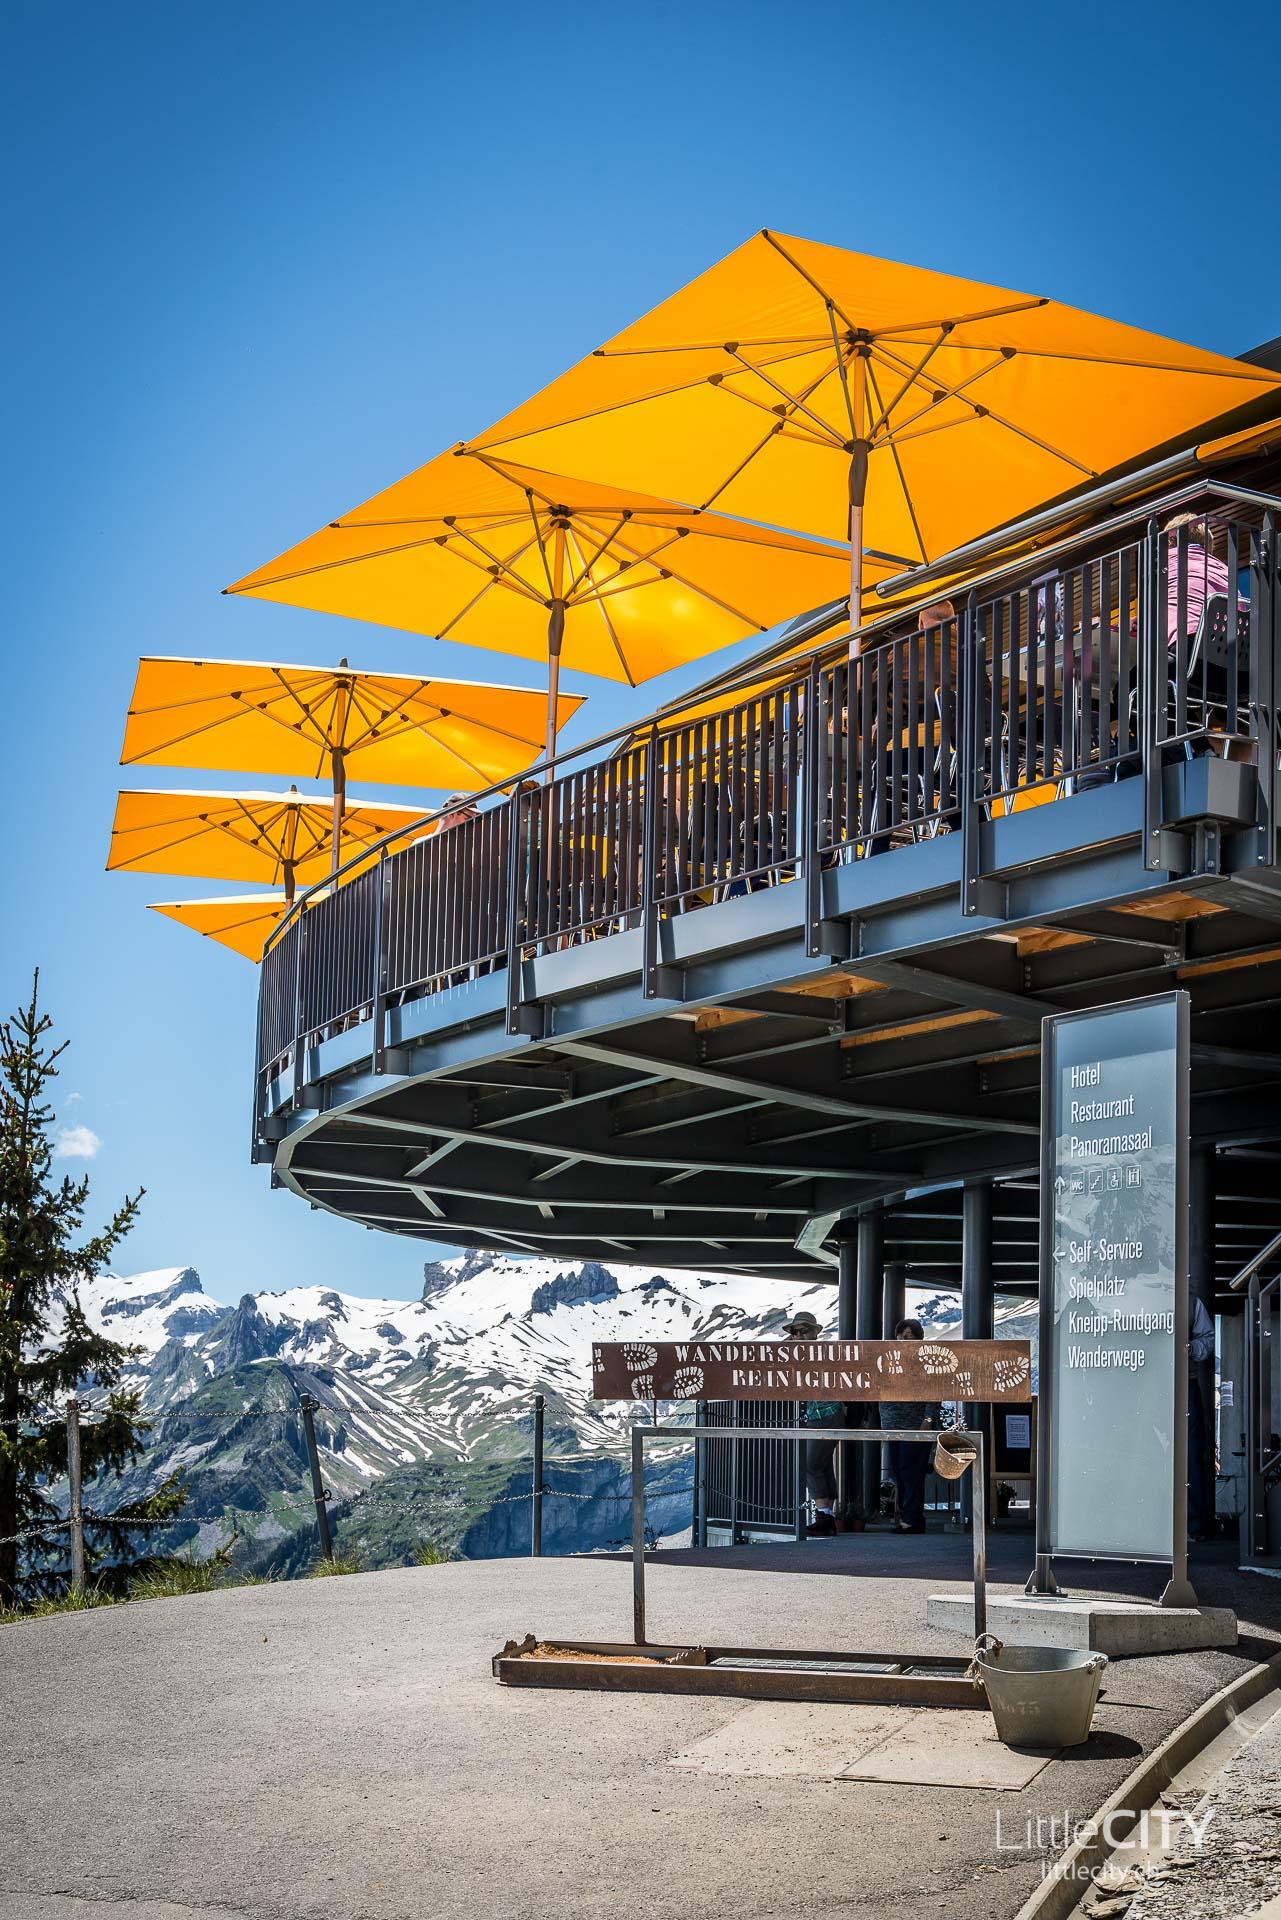 Schynige Platte Wanderung Jungfrau Bahnen LittleCITY-29